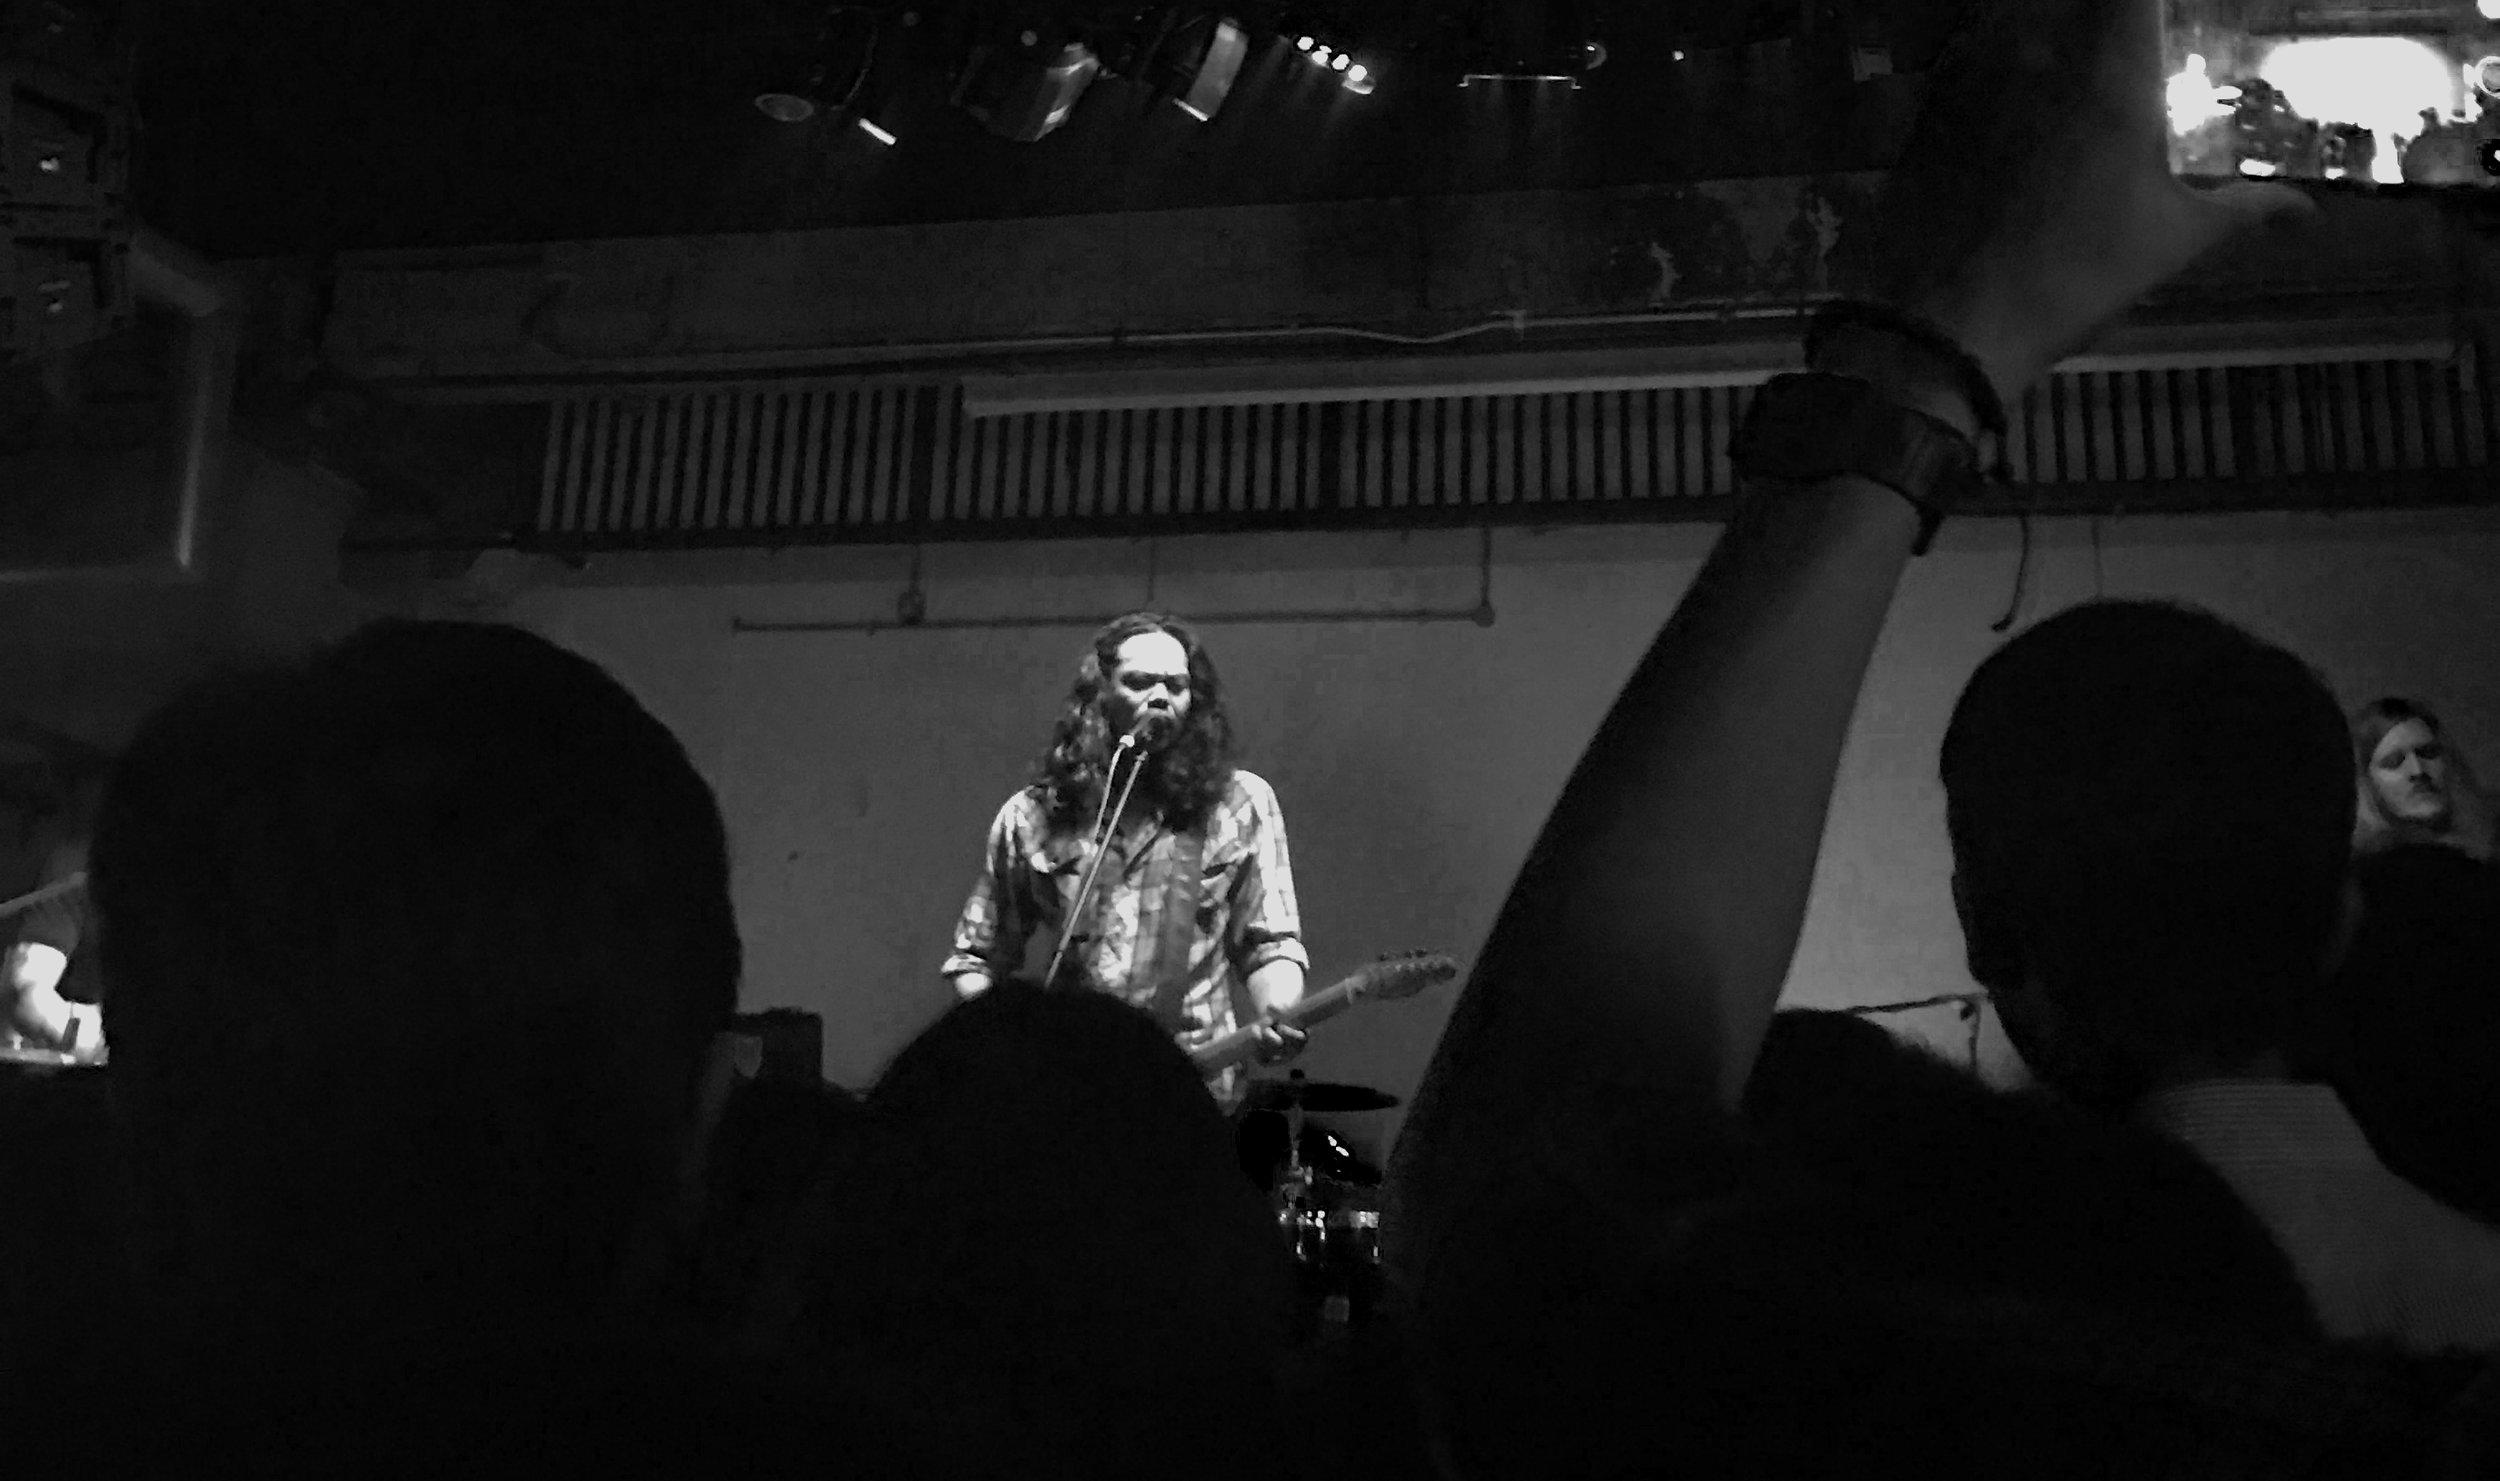 The Temper Trap's Concert. |  March